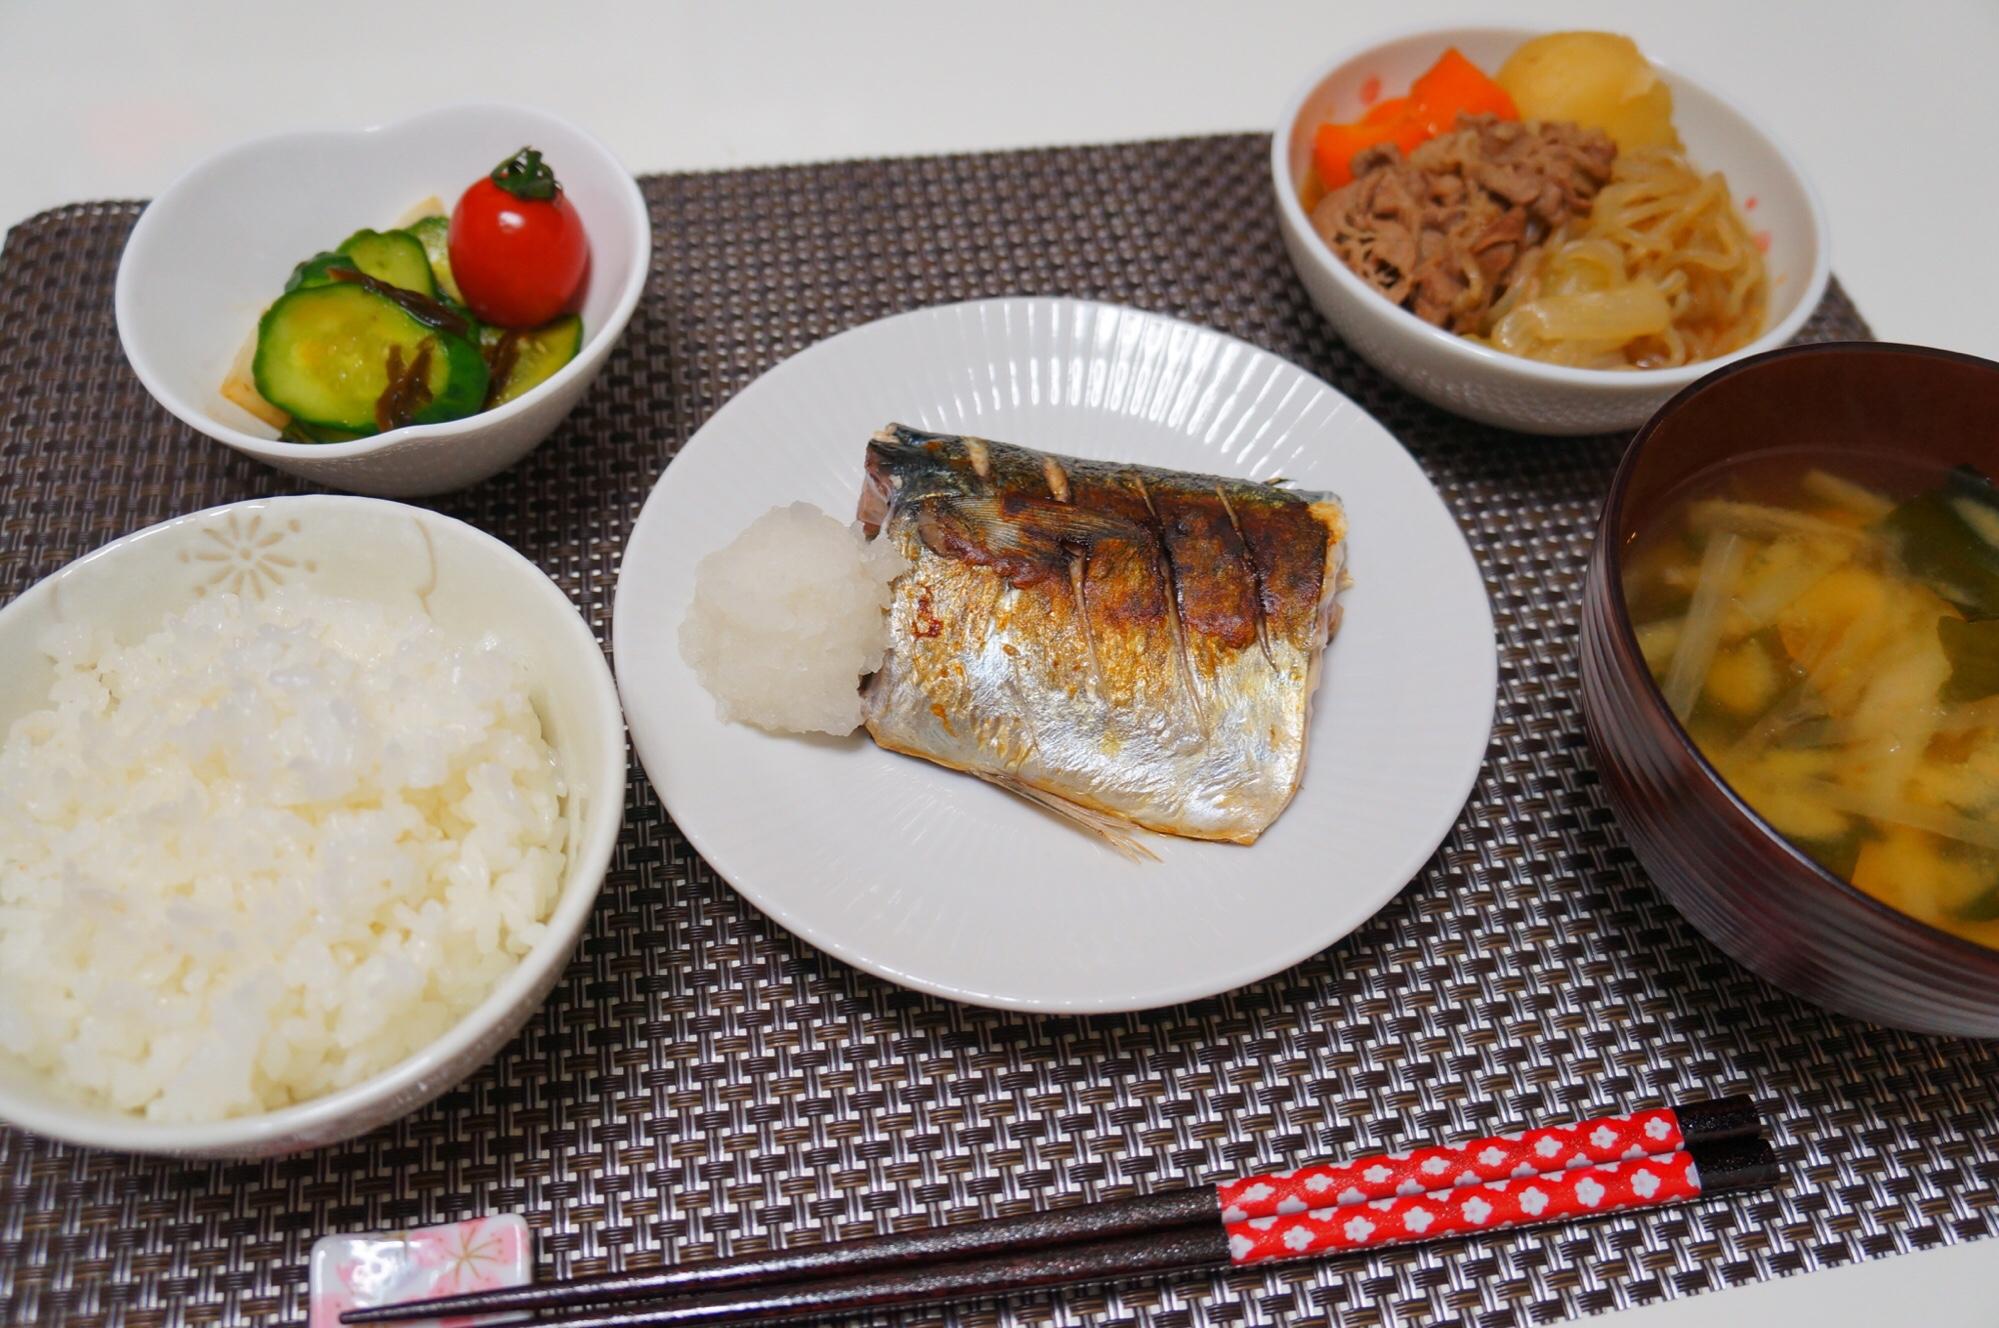 鯖 の 塩焼き 定食